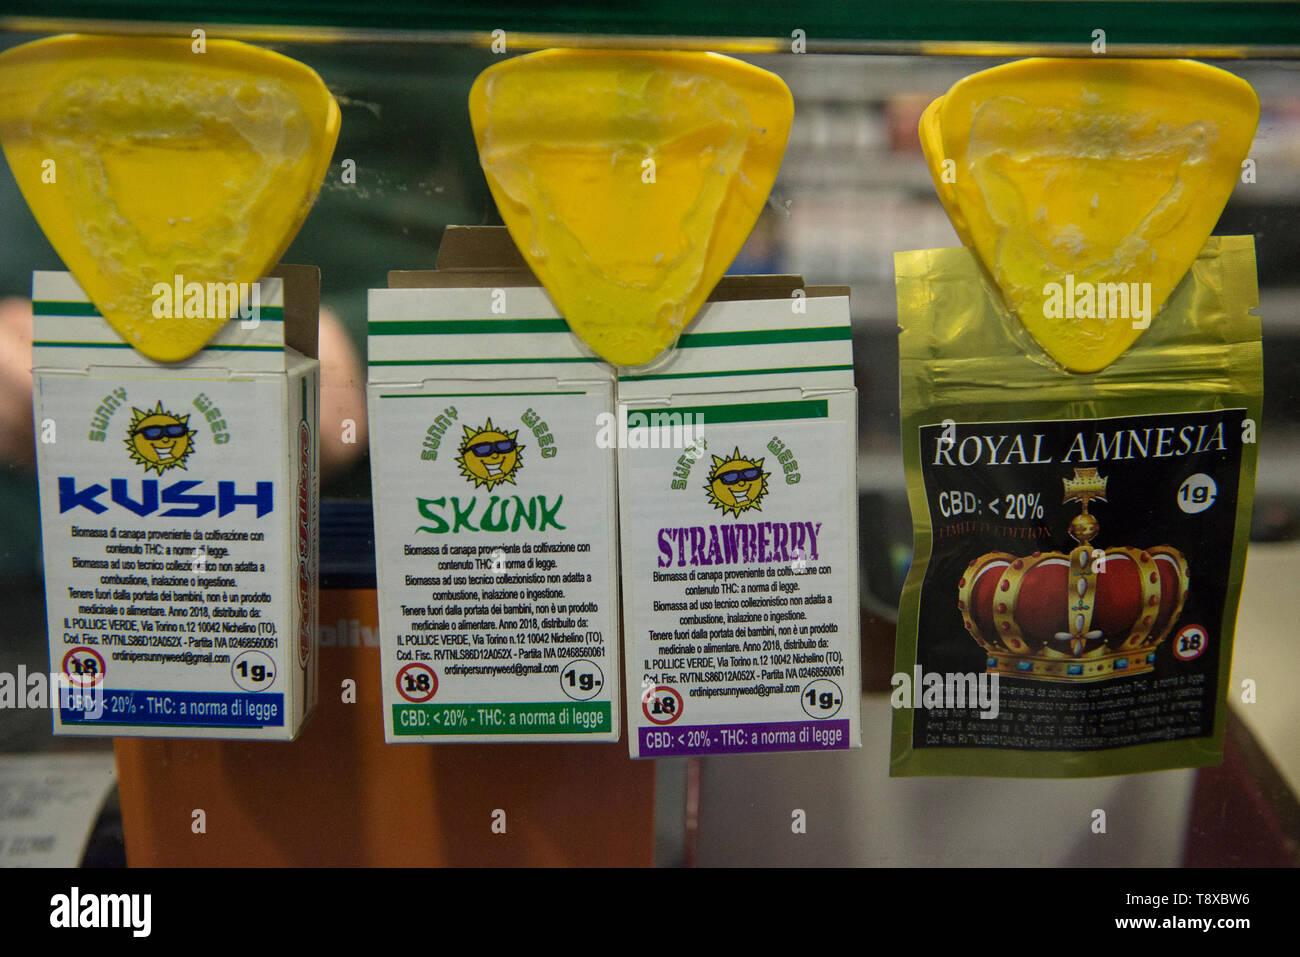 Mayo 13, 2019 - Turín, Piamonte, Italia - Turín, Italy-May 13, 2019: El cannabis legal para la venta en una tienda de tabaco. La marihuana es una sustancia psicoactiva que se obtiene de las inflorescencias secas de plantas de cáñamo hembra. El Delta-9-tetrahidrocannabinol, denominado THC está contenida en todas las variedades de cáñamo, una sustancia que hace que la planta ilegal en muchos países. Hay variedades que puede ser cultivada legalmente para que el límite para este contenido está fijado por la ley. En Italia, la venta legal de cannabis ha sido legalizada, pero en los últimos días Matteo Salvini el ministro italiano del Interior quiere hacer Foto de stock